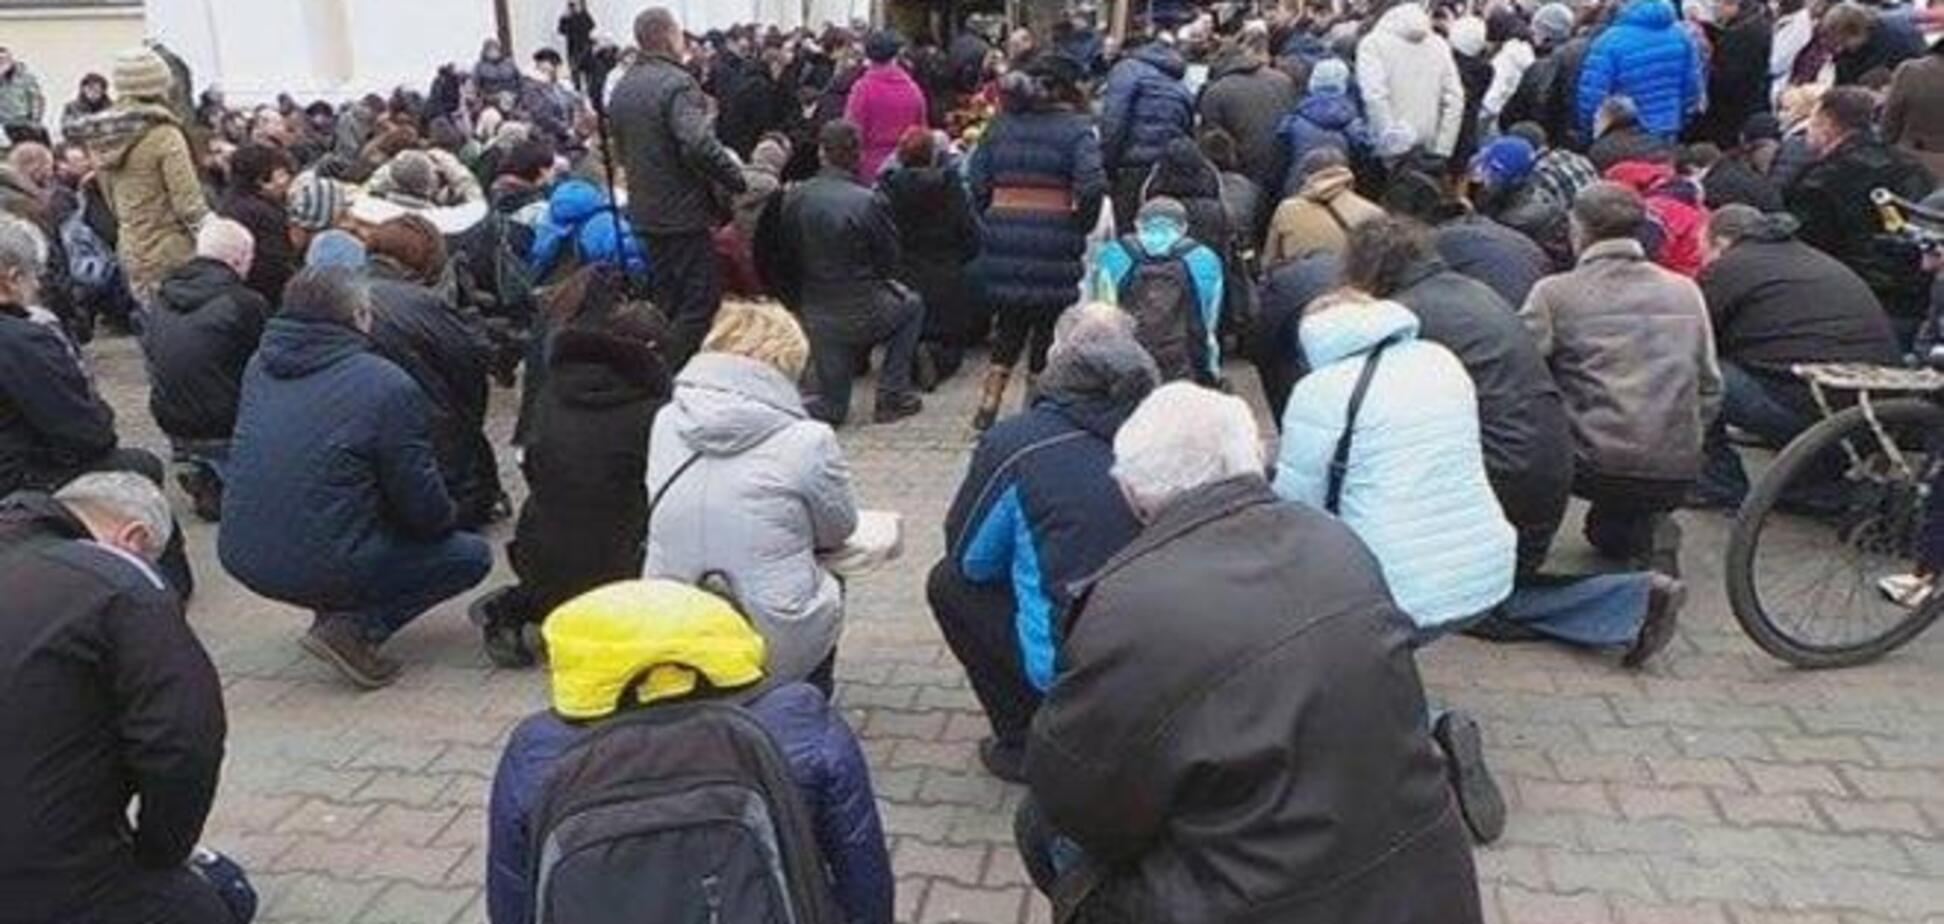 Одесса встала на колени перед замученным боевиками бойцом АТО: фотофакт